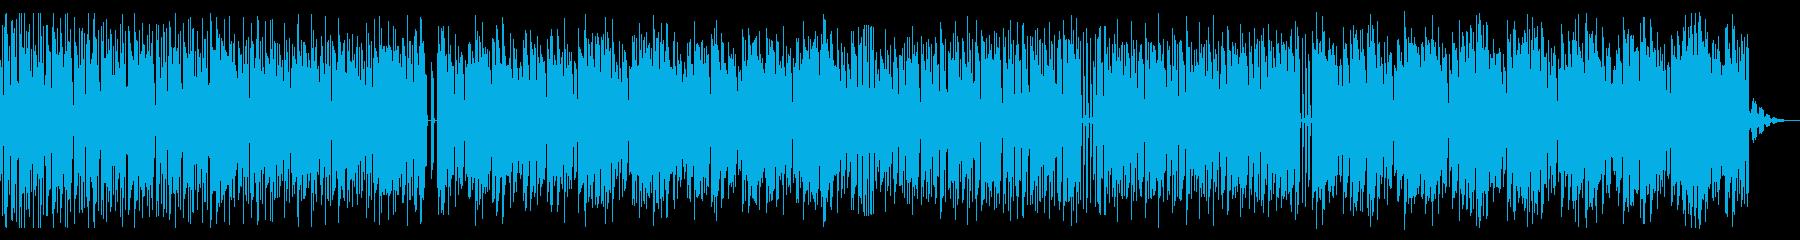 シンプルでビートの強いテクノの再生済みの波形